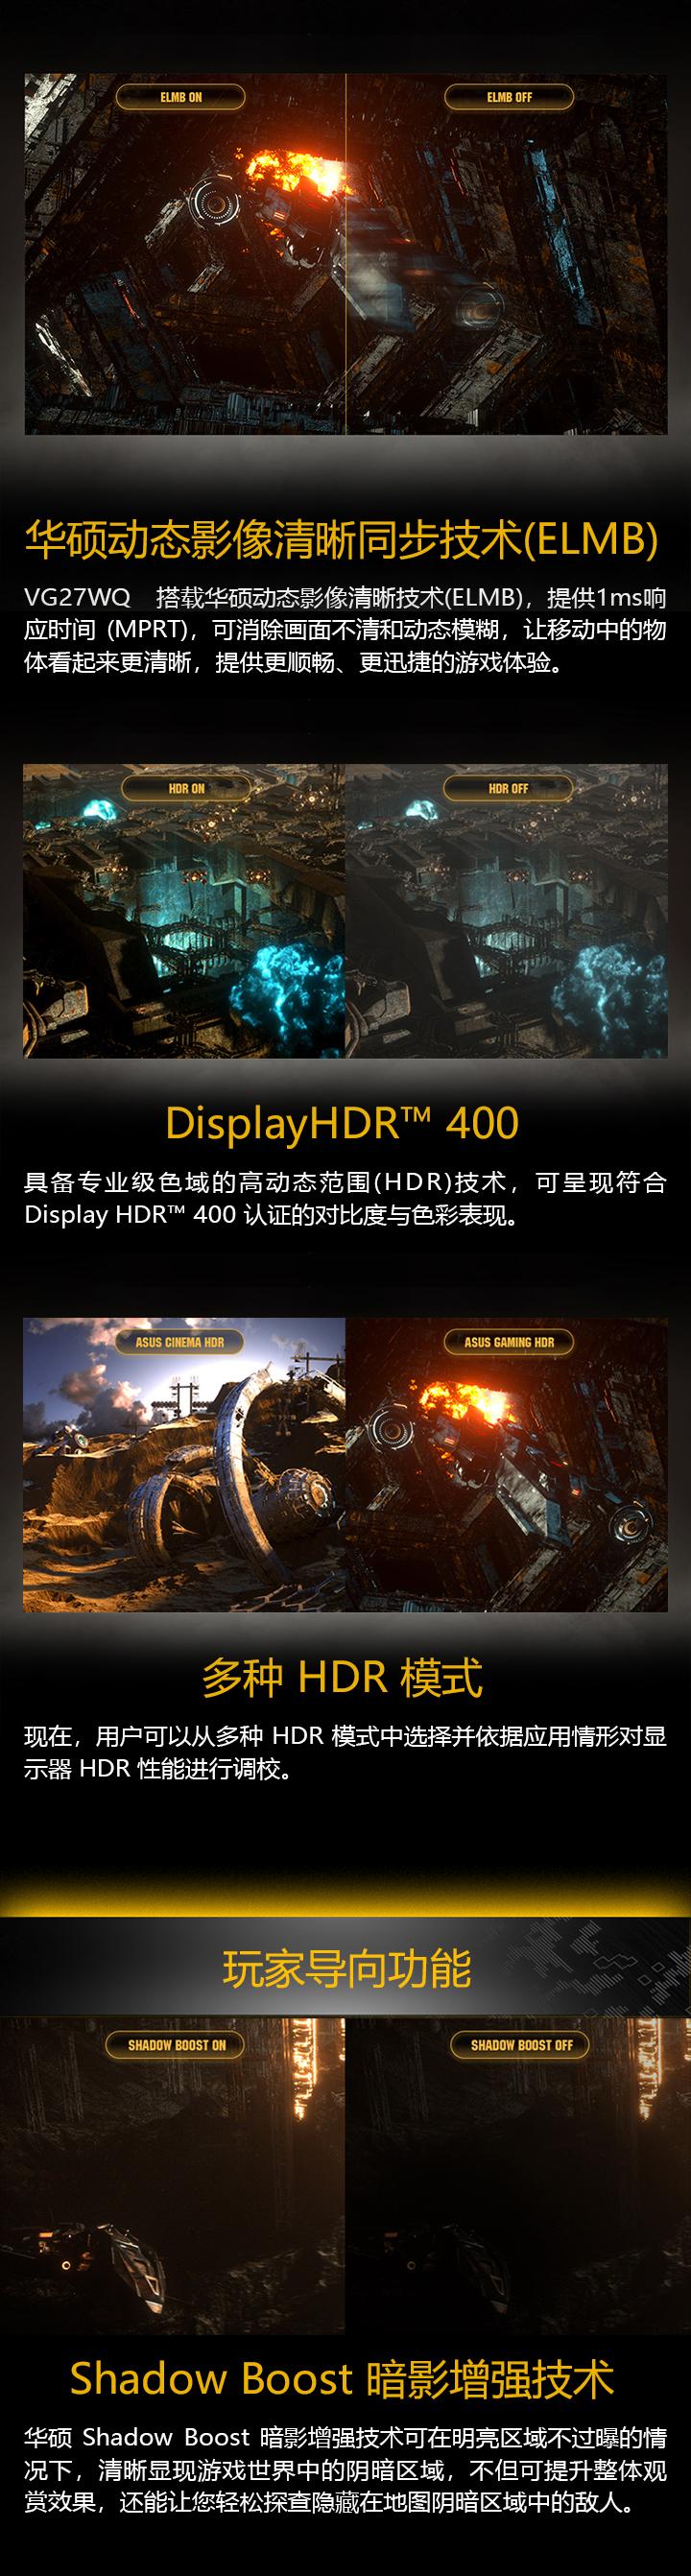 华硕TUF VG27WQ电竞显示器免费试用,评测